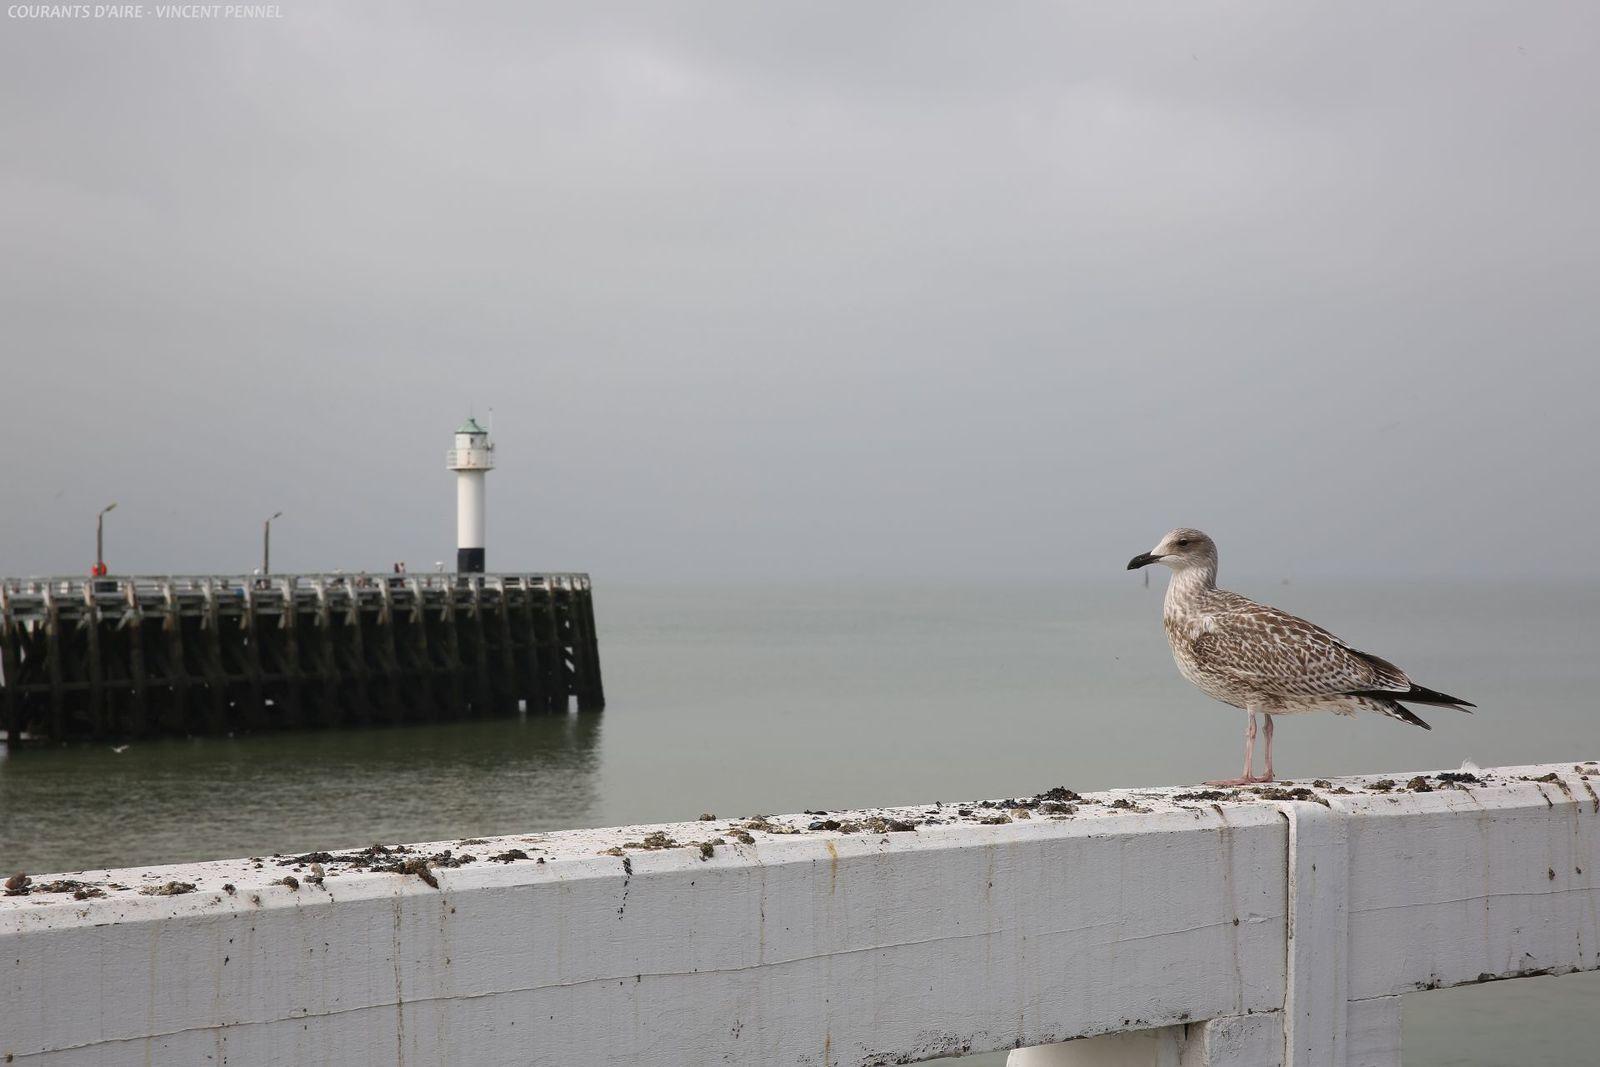 Un jeune goéland contemple l'estuaire de l'Yser.